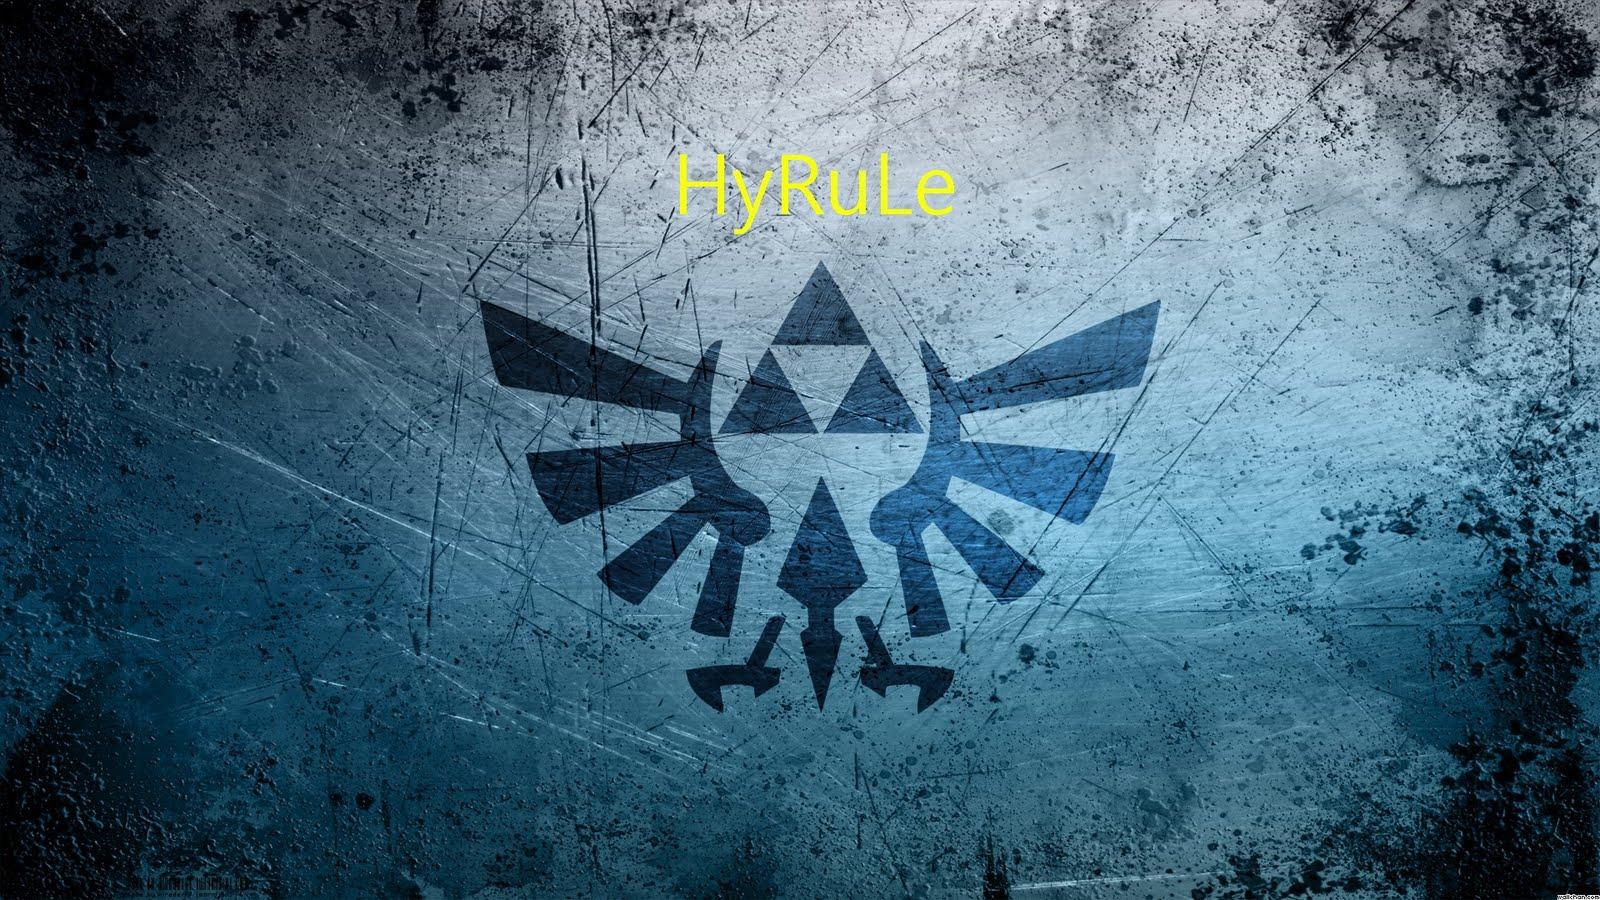 HyRuL3